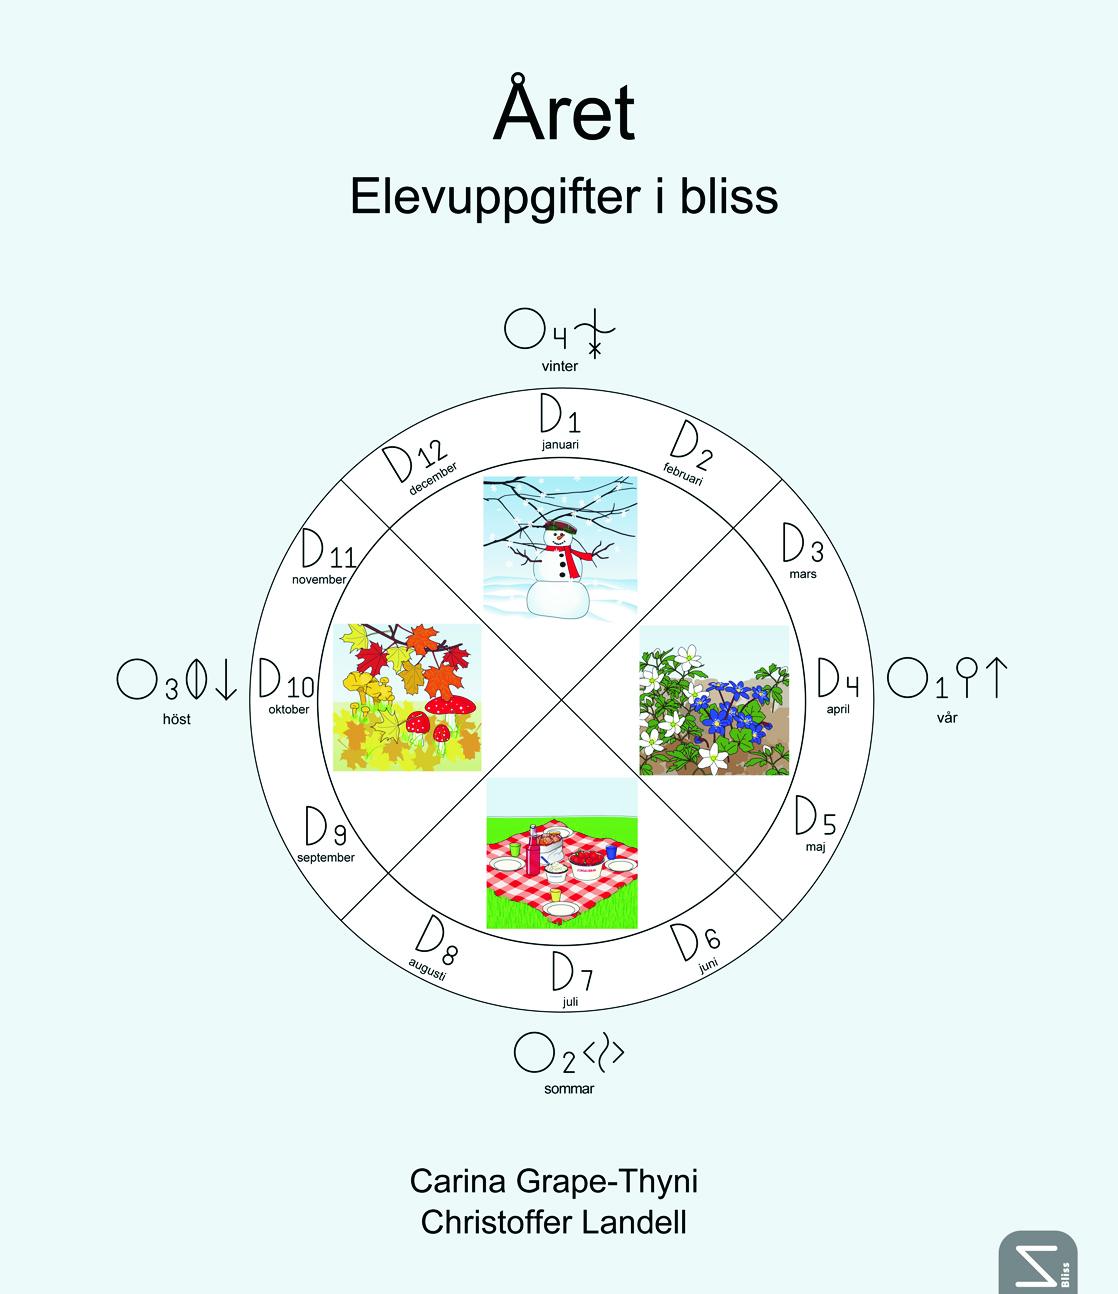 Årshjul i Bliss med olika årstider illustrerade.